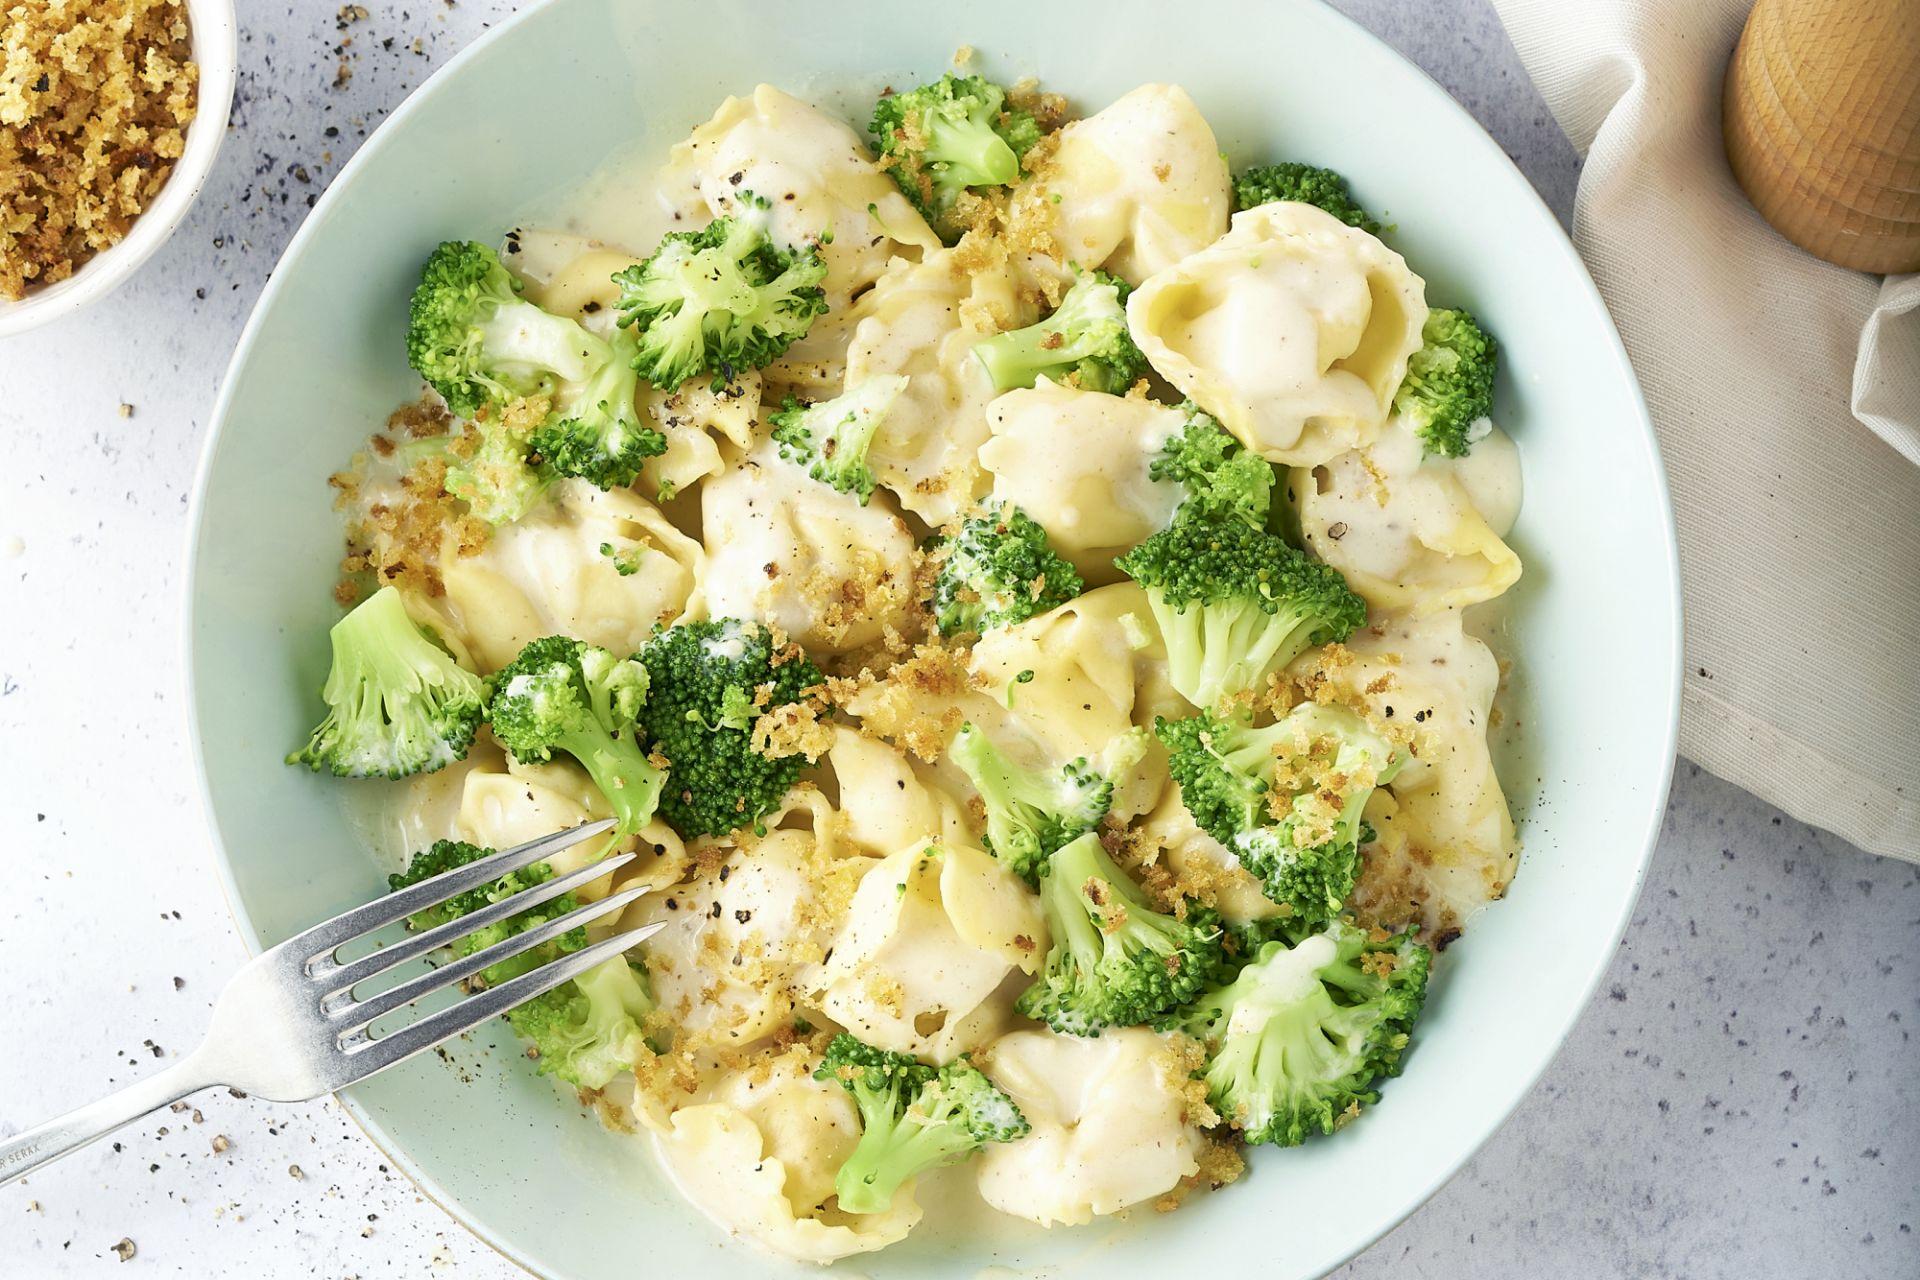 Tortellini in kaassaus met broccoli en pangrattatto